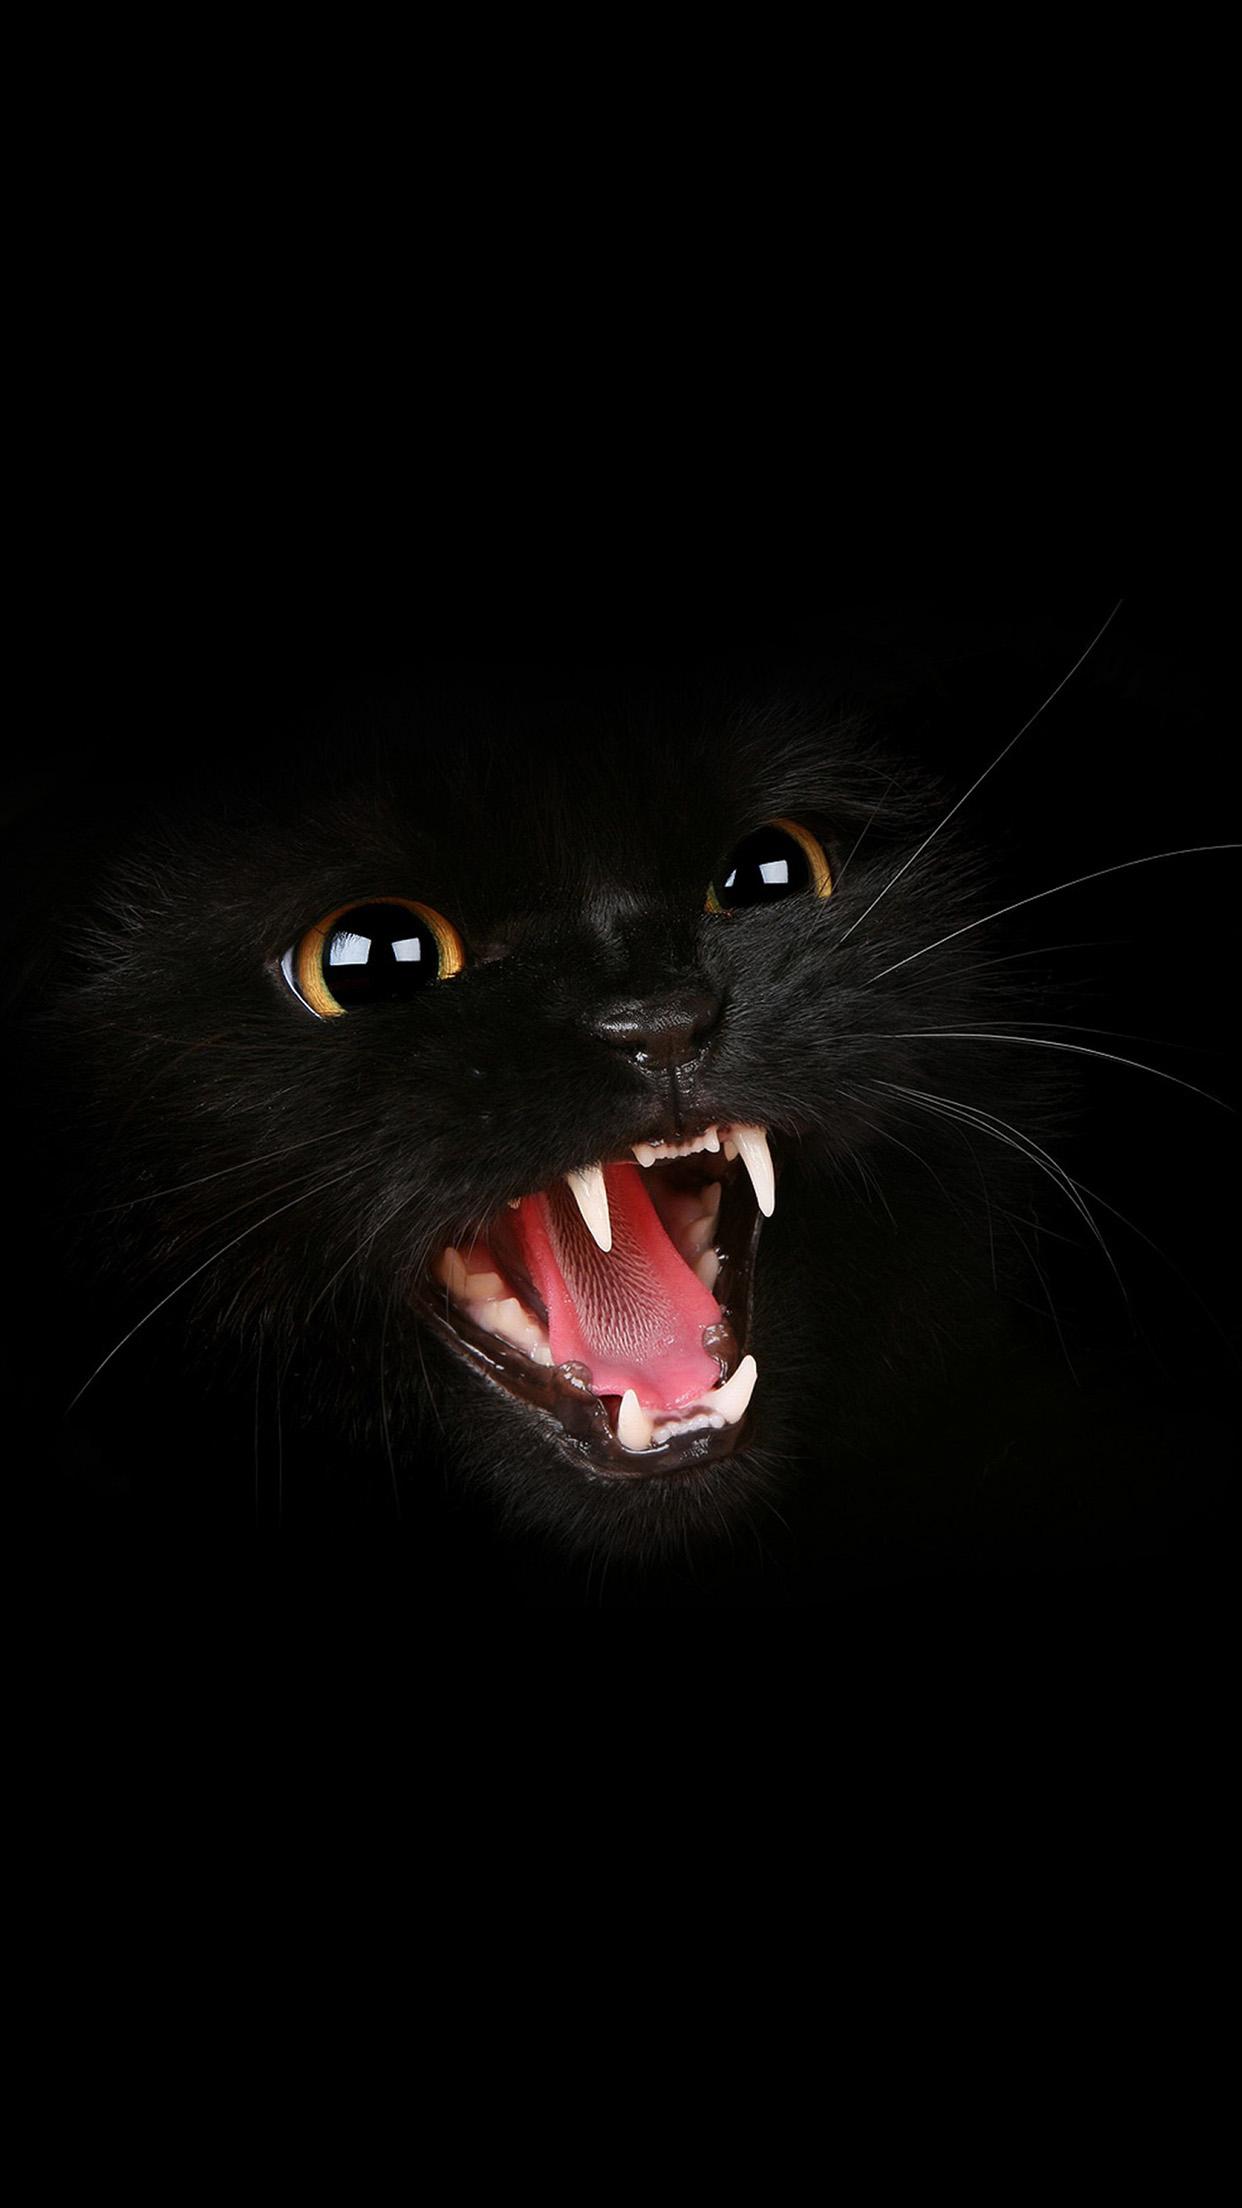 cat roar 3Wallpapers iPhone Parallax.jpg Cat Roar